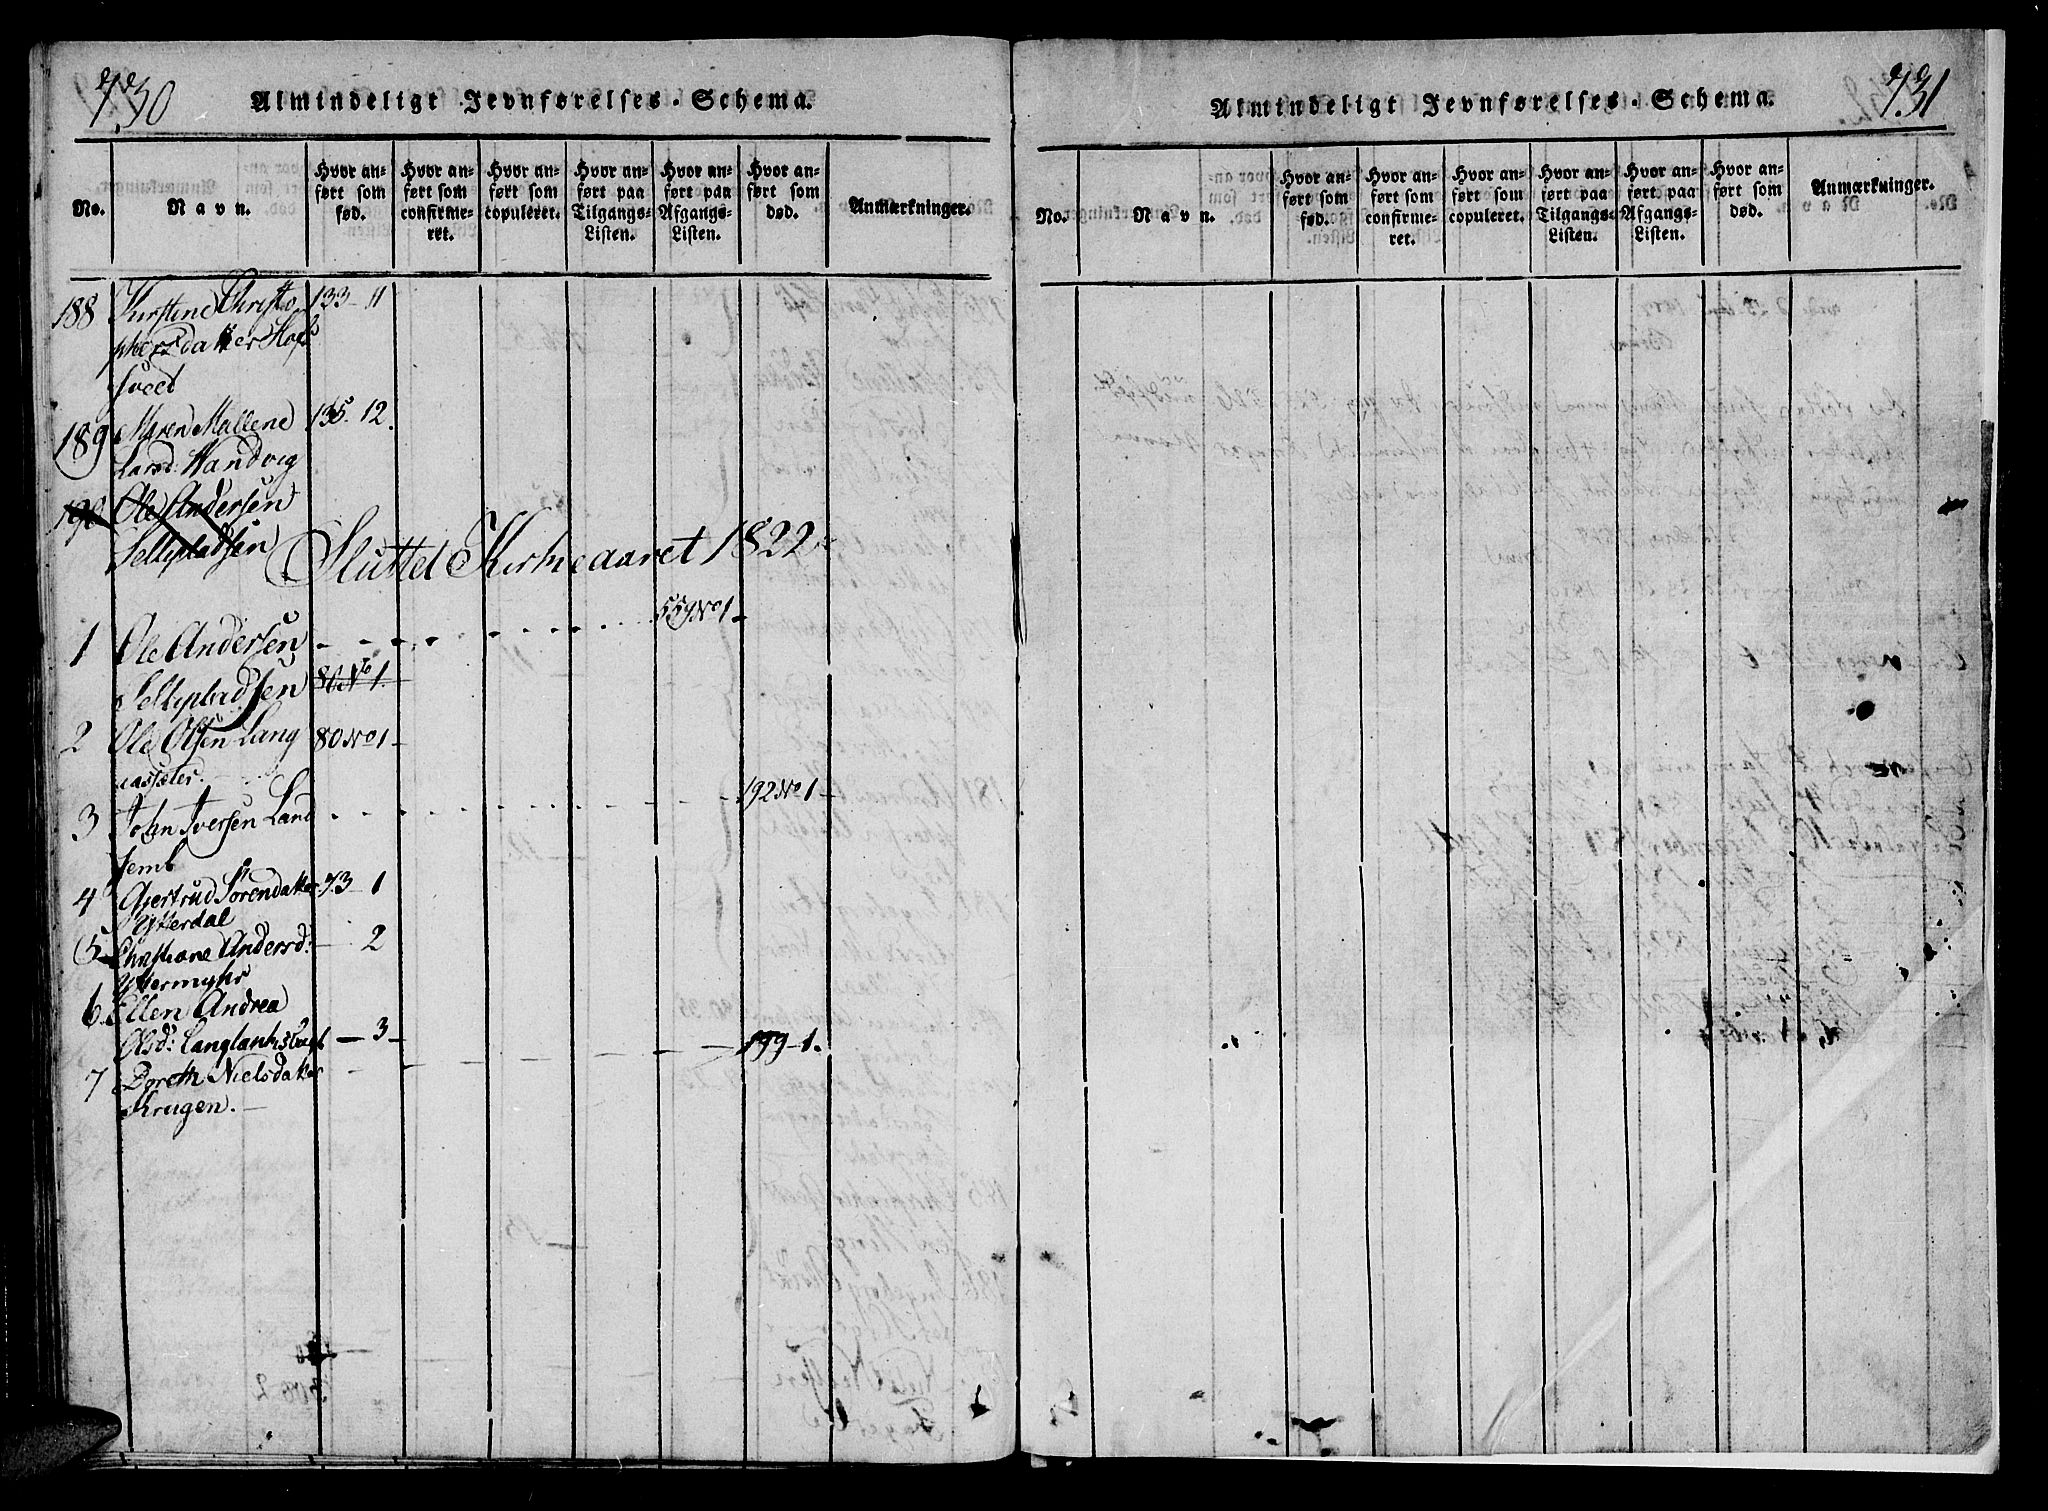 SAT, Ministerialprotokoller, klokkerbøker og fødselsregistre - Nord-Trøndelag, 701/L0005: Ministerialbok nr. 701A05 /1, 1816-1825, s. 730-731